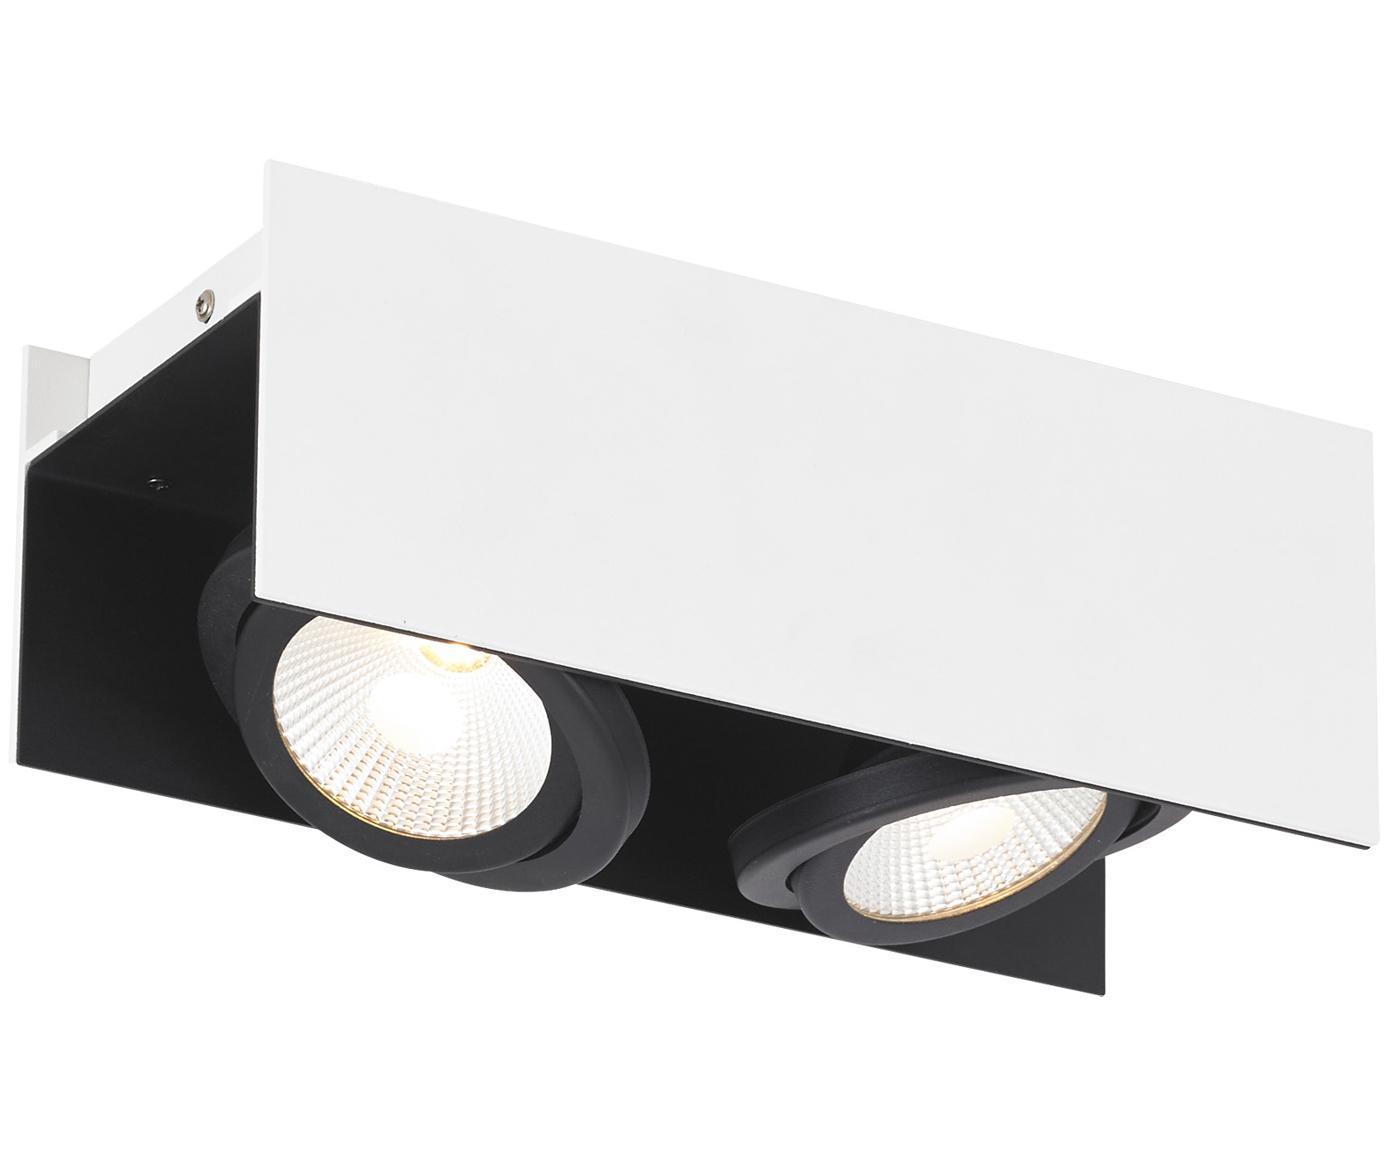 Lampa sufitowa LED Vidago, Biały, czarny, S 31 x W 11 cm